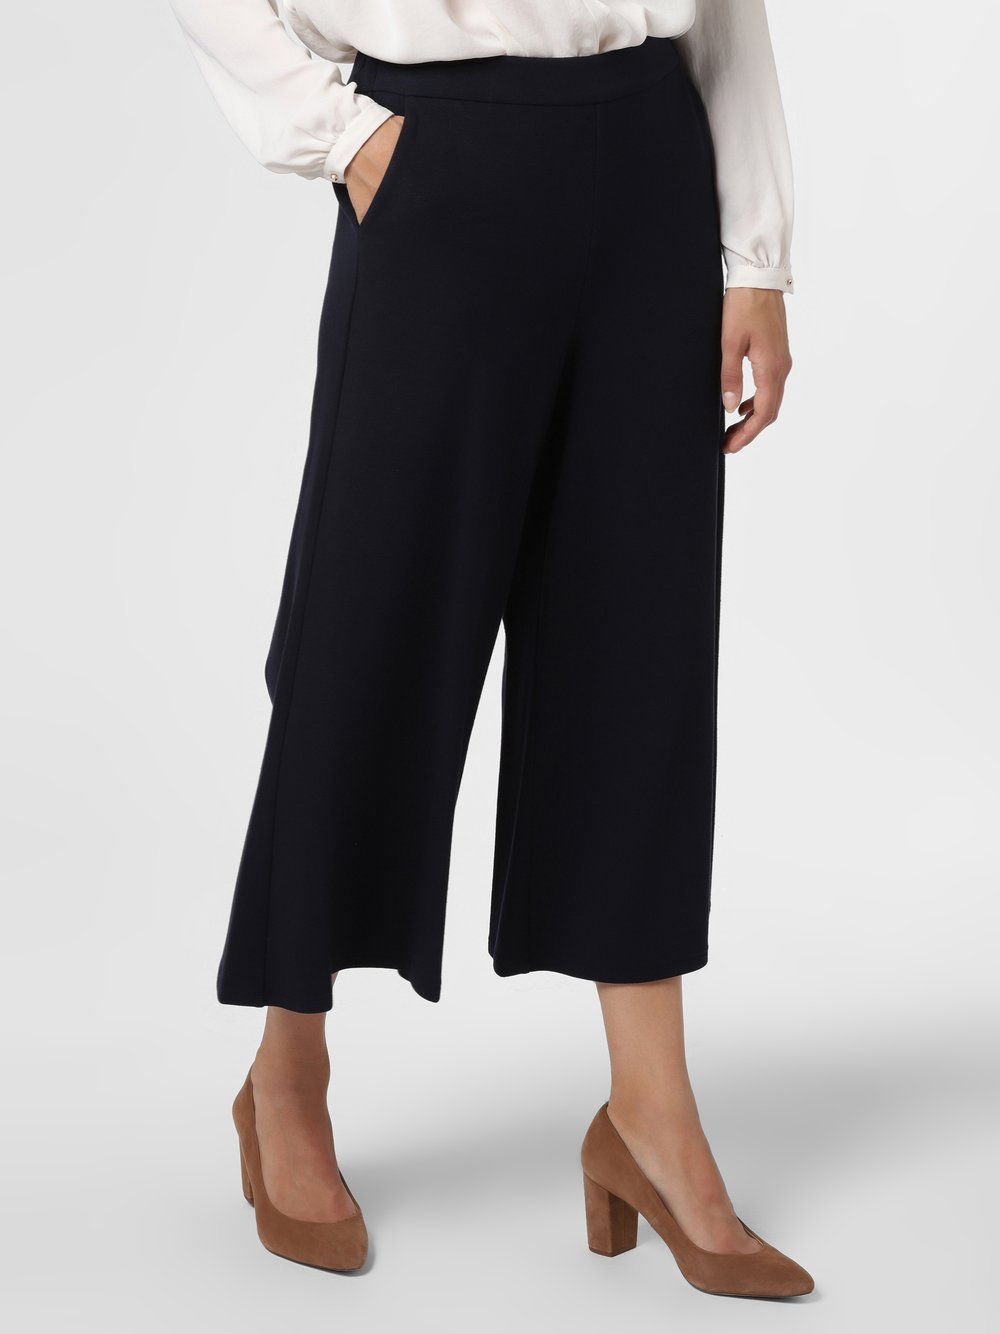 STEFFEN SCHRAUT – Spodnie damskie, niebieski Van Graaf 479466-0001-00400